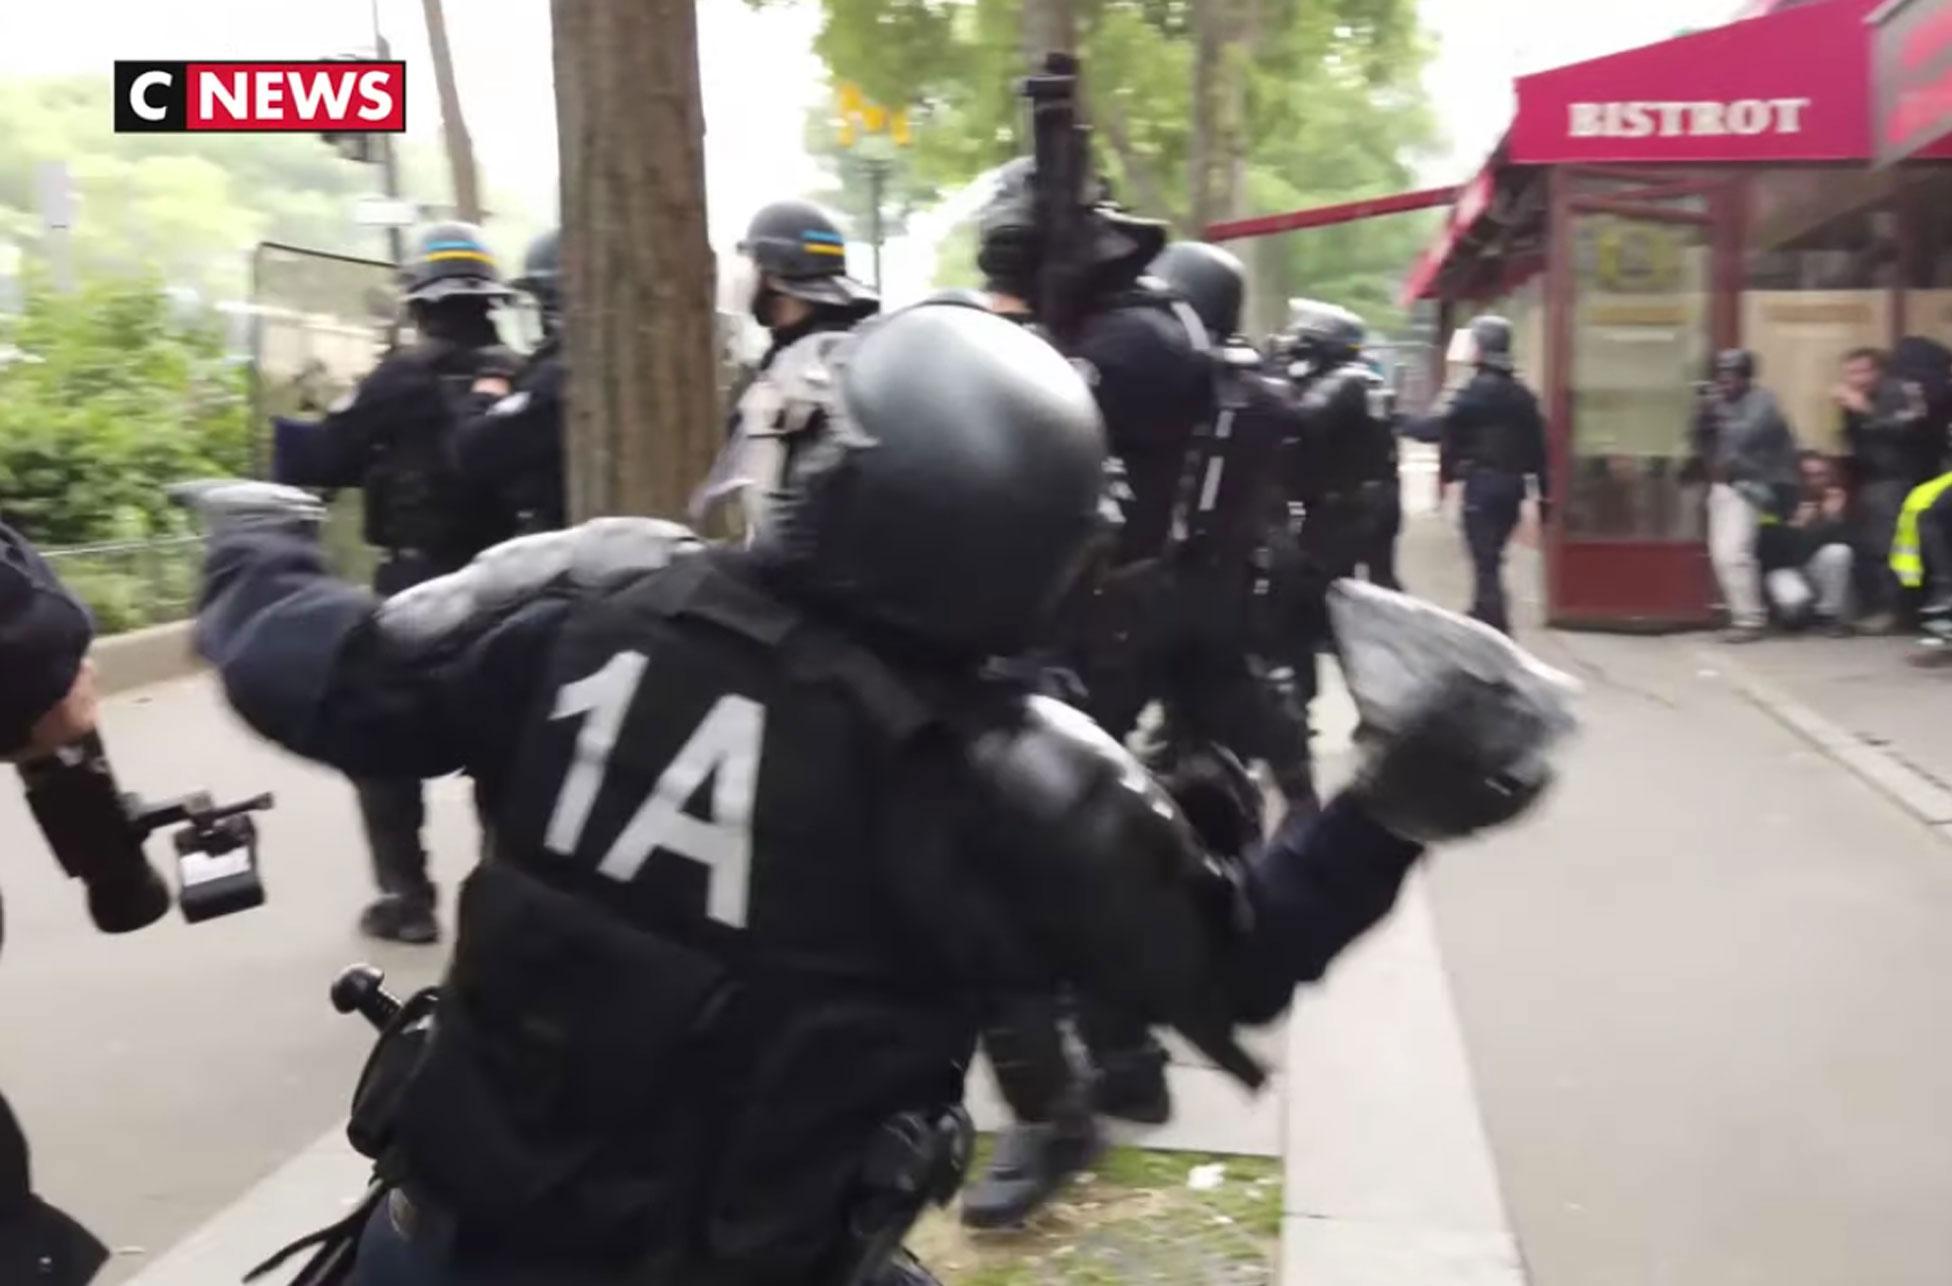 «Χάδι» οι πρώτες καταδίκες αστυνομικών για το ξύλο στα «Κίτρινα Γιλέκα» - Στο… χιόνι οι ποινές, τους κρατάνε στην υπηρεσία